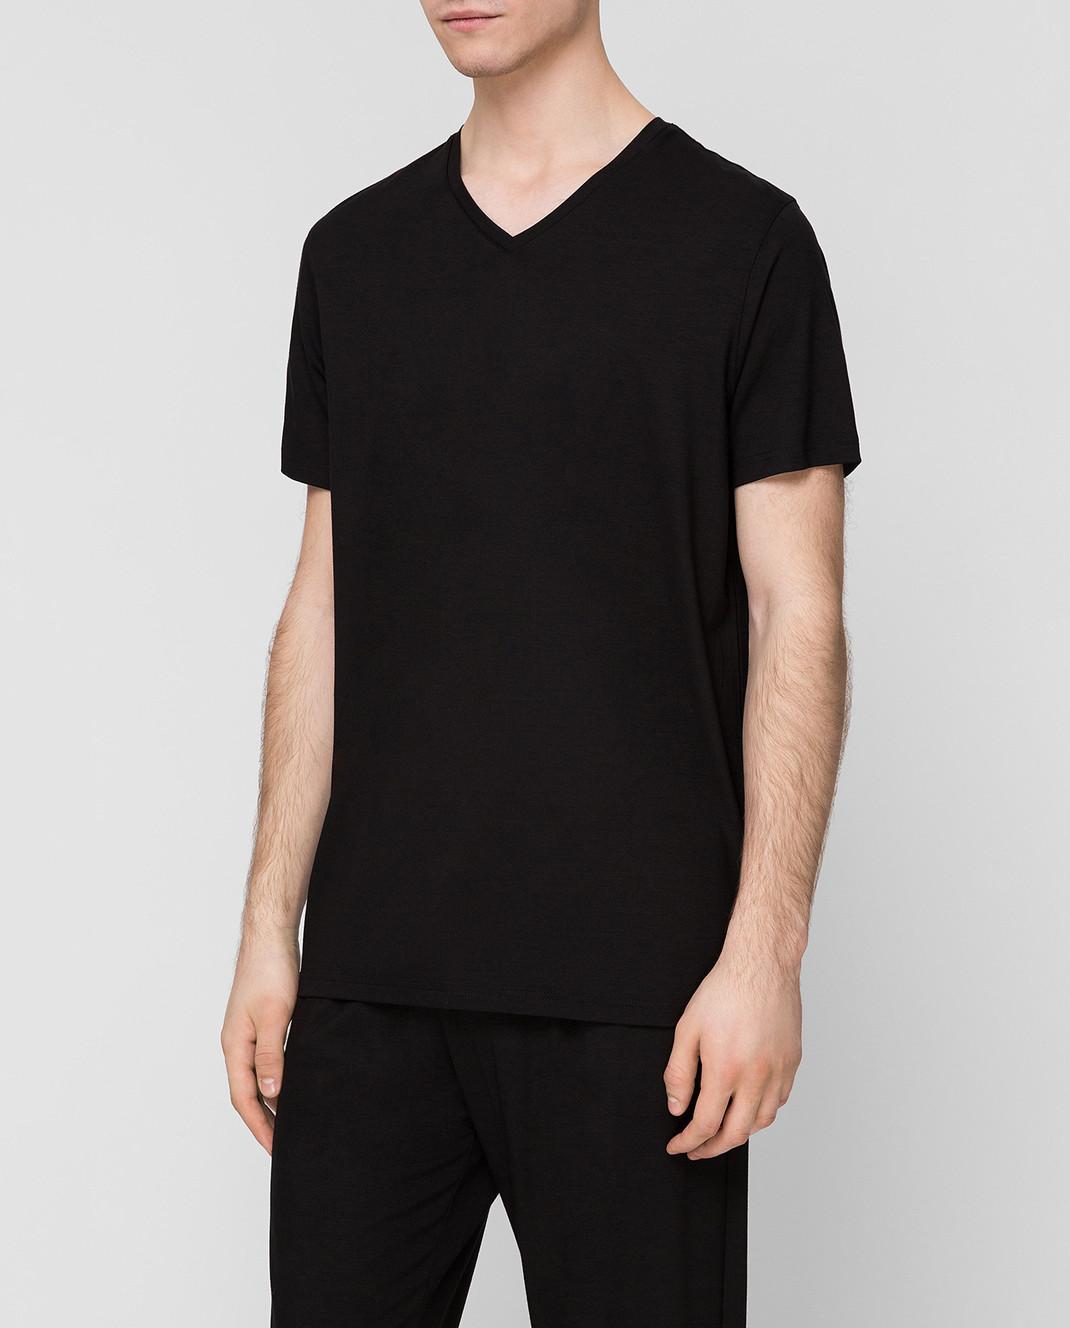 Derek Rose Черная футболка 3083BASE001 изображение 3